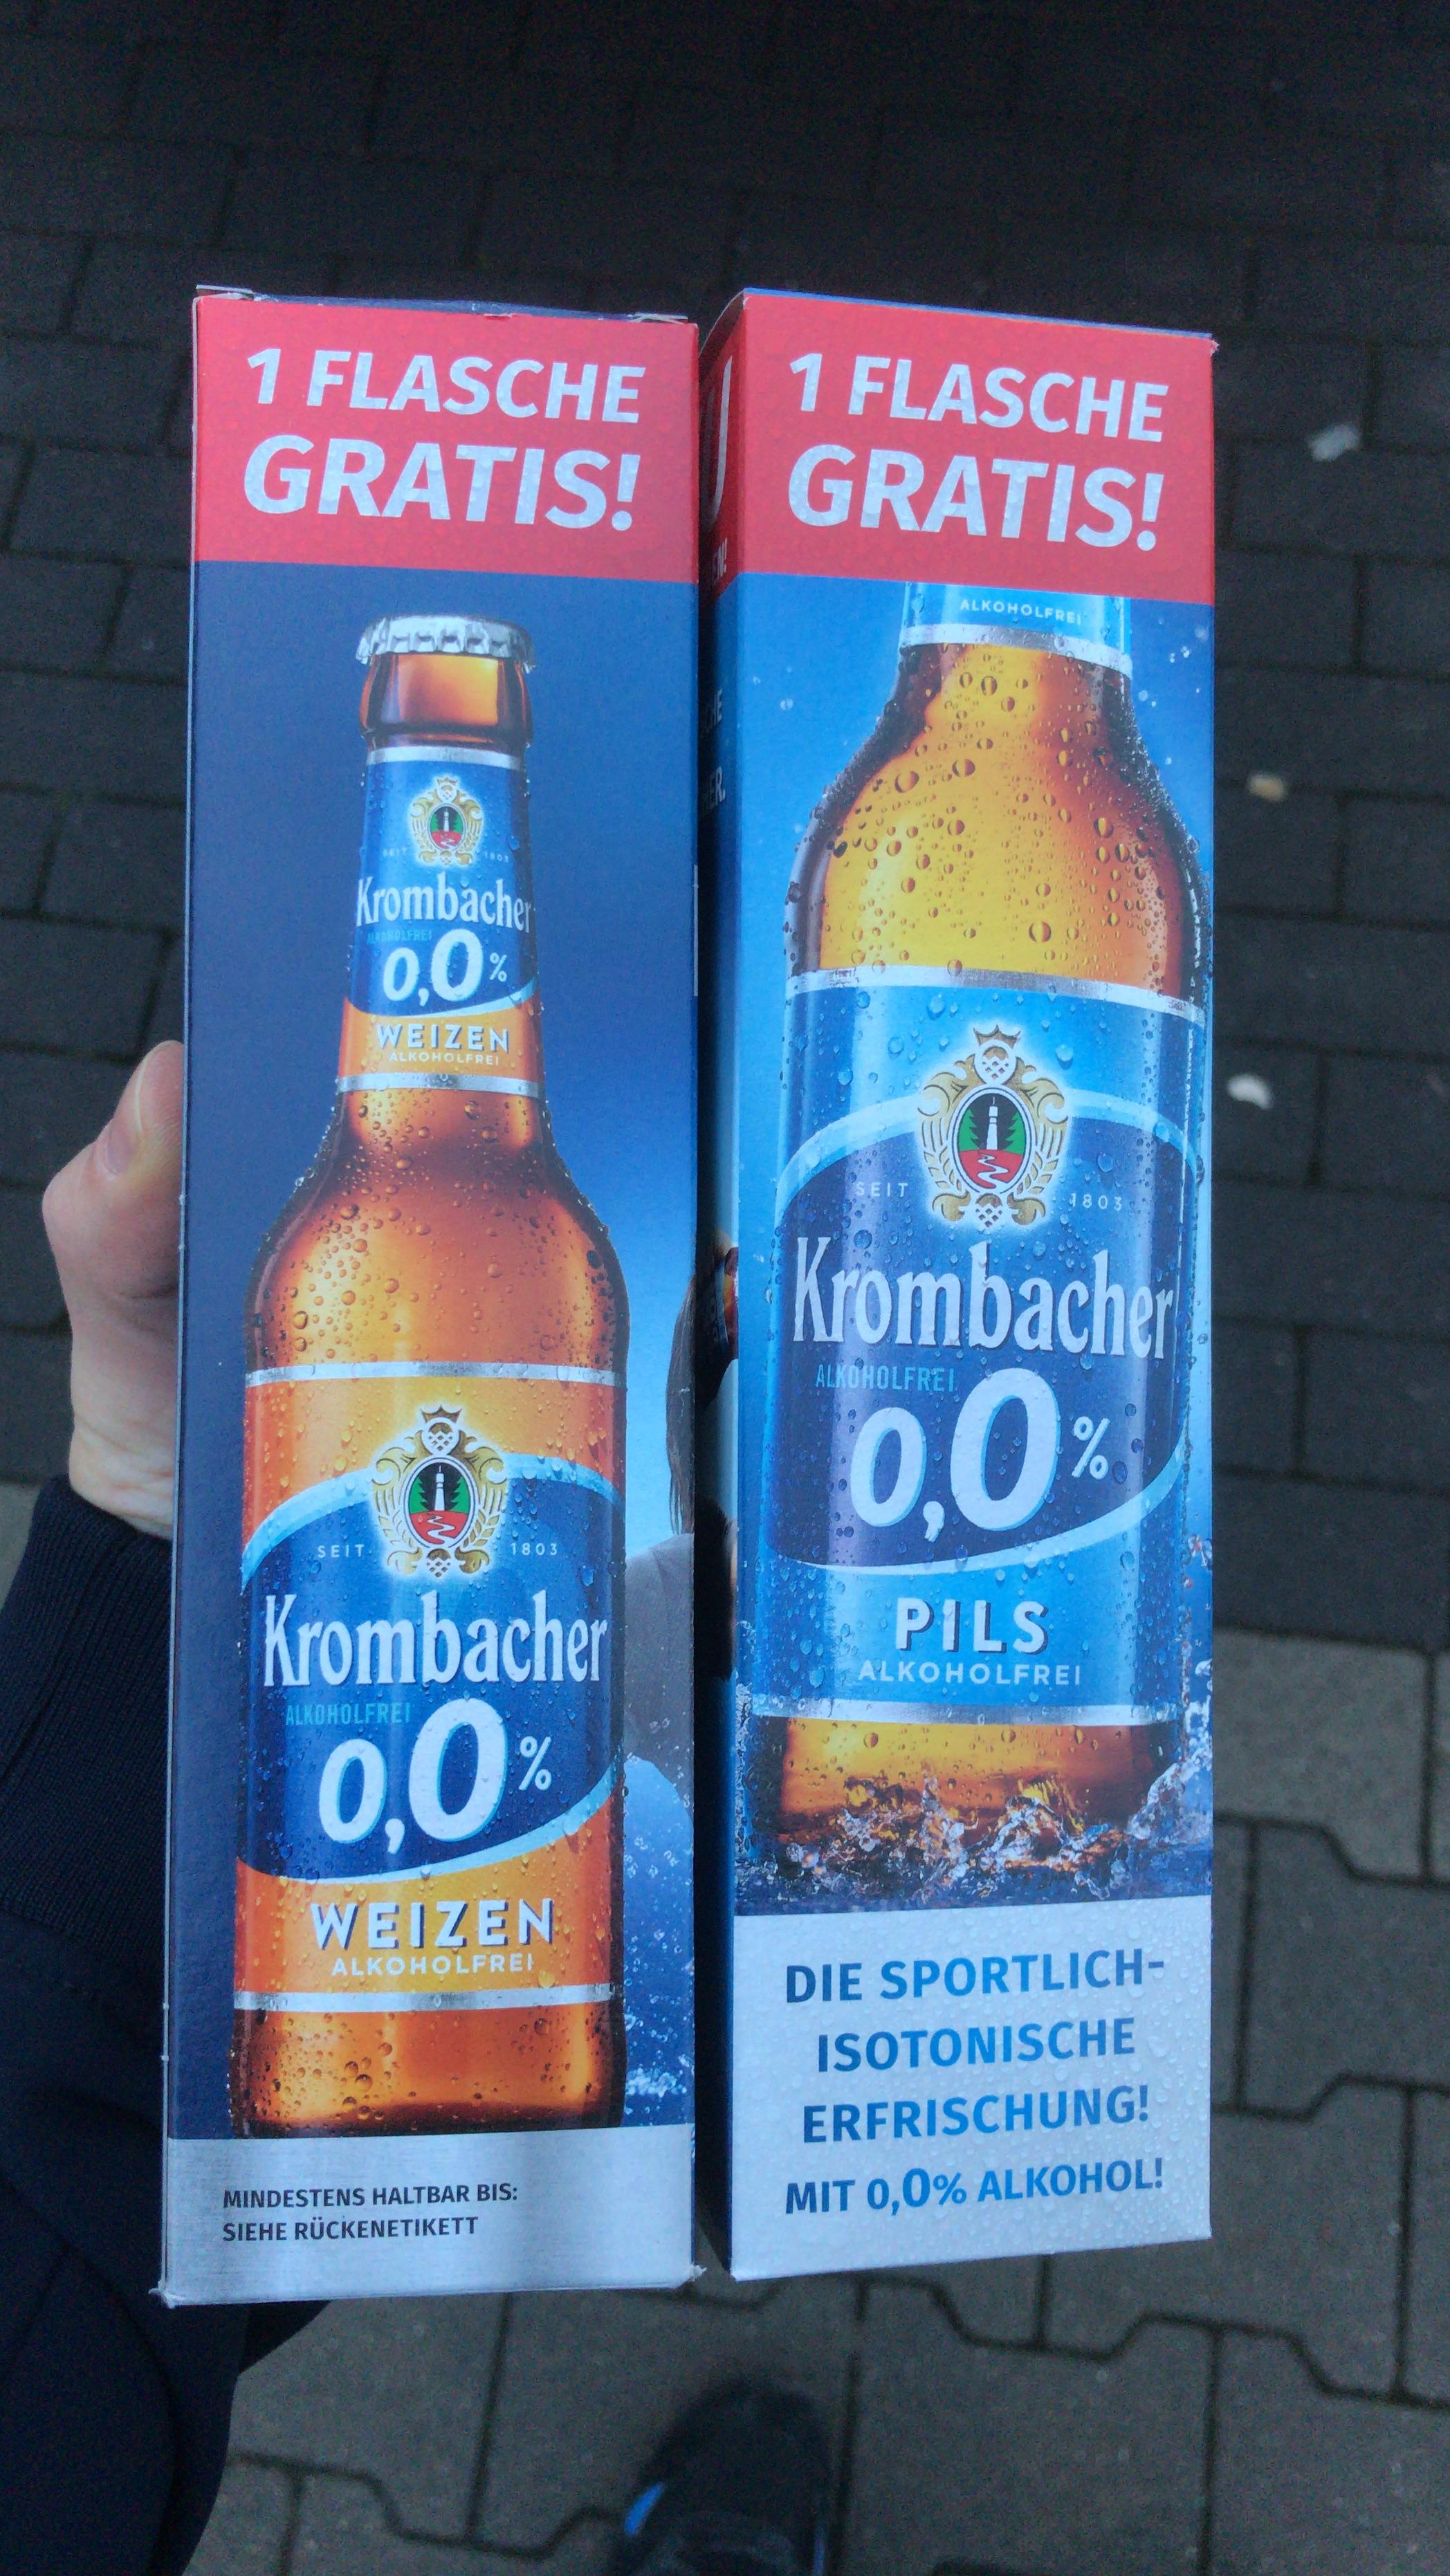 Lokal Berlin - Krombacher alkoholfrei Pils/Weizen für 0,01€ zzgl. Pfand